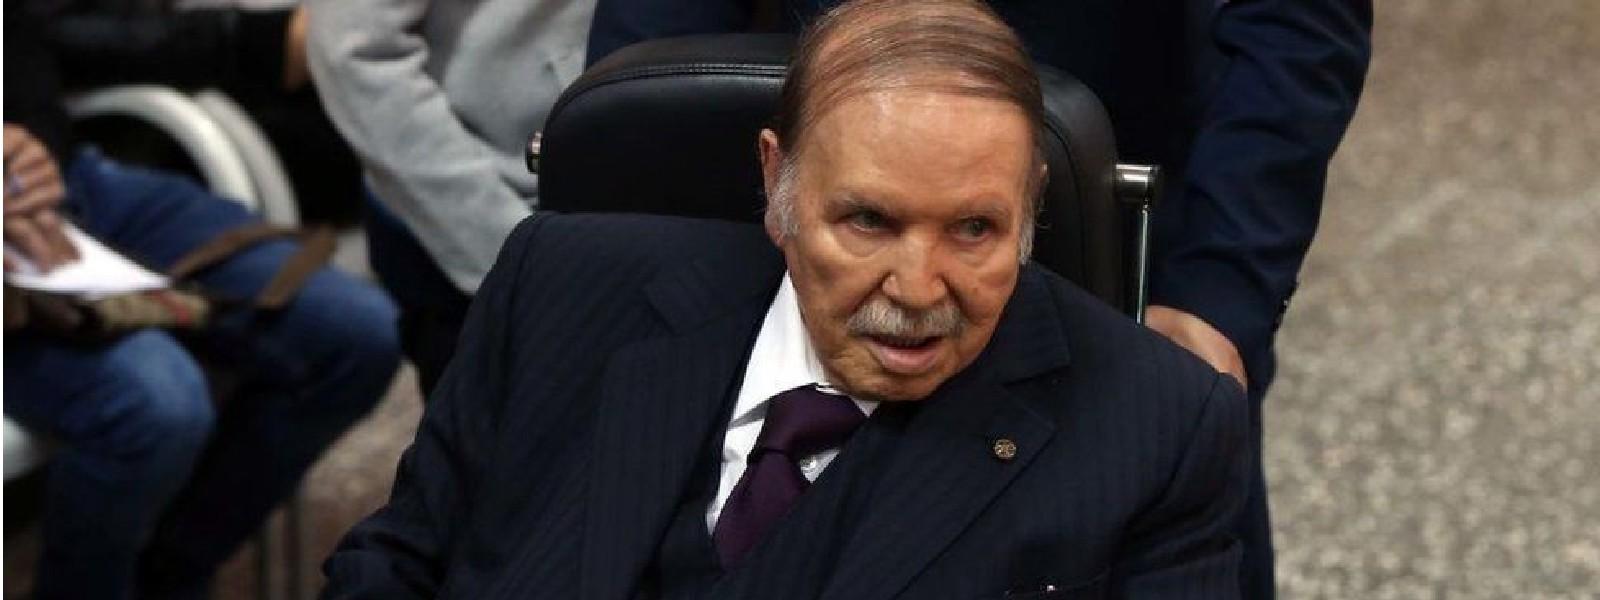 அல்ஜீரியாவின் முன்னாள் ஜனாதிபதி Abdelaziz Bouteflika காலமானார்